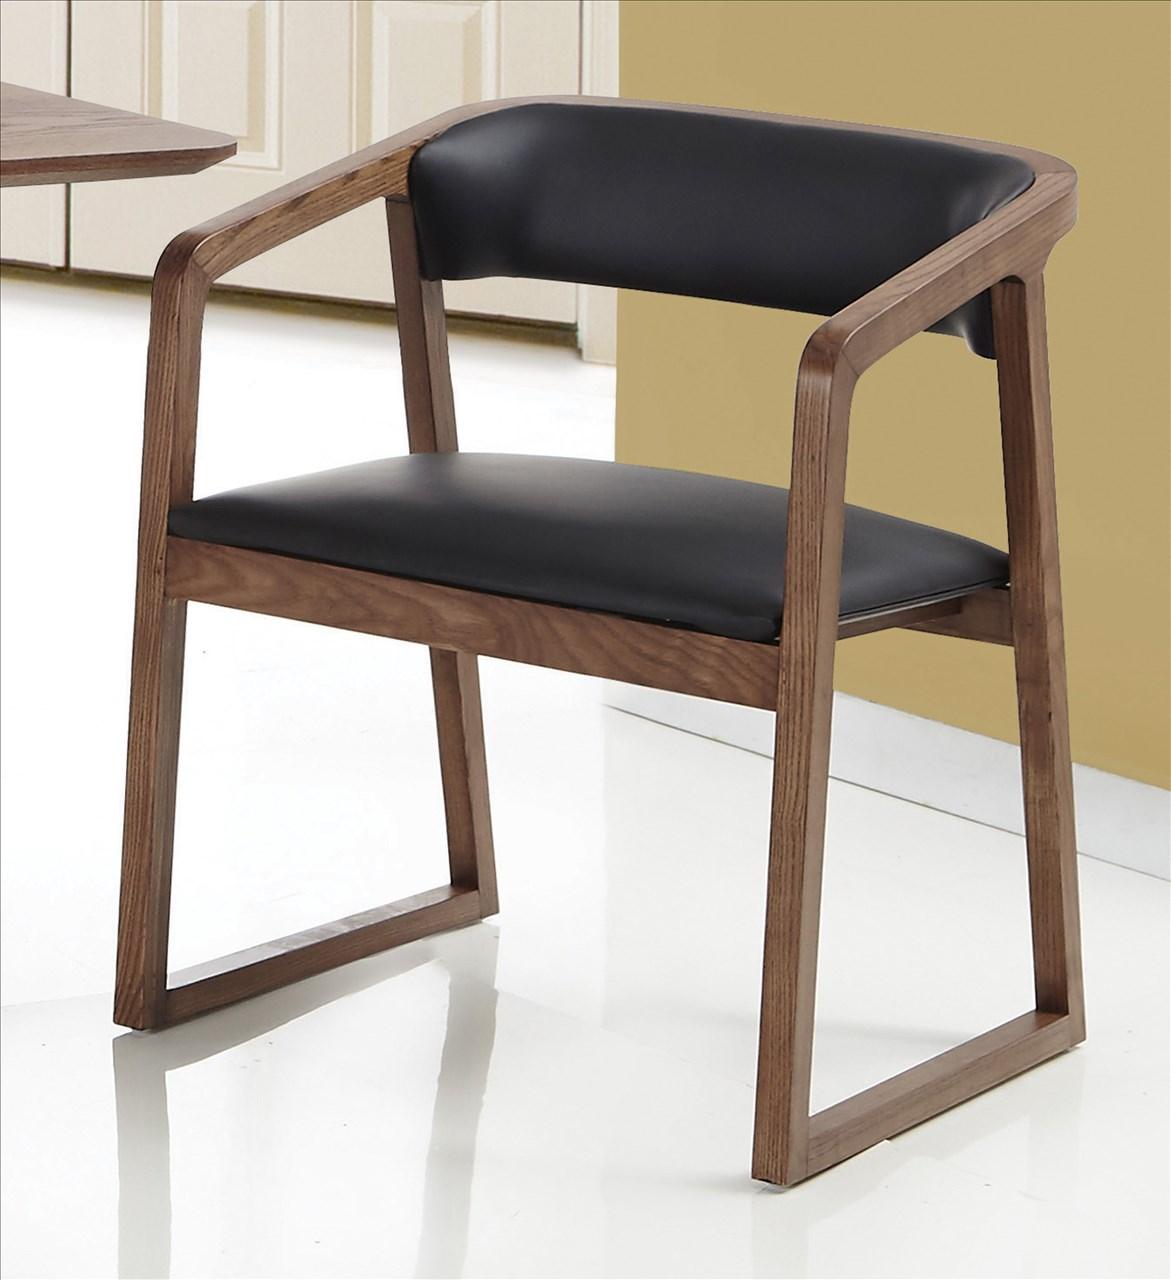 【石川家居】GD-605-5 舒適餐椅有扶手-單只 (不含其他商品) 台中以北搭配車趟免運